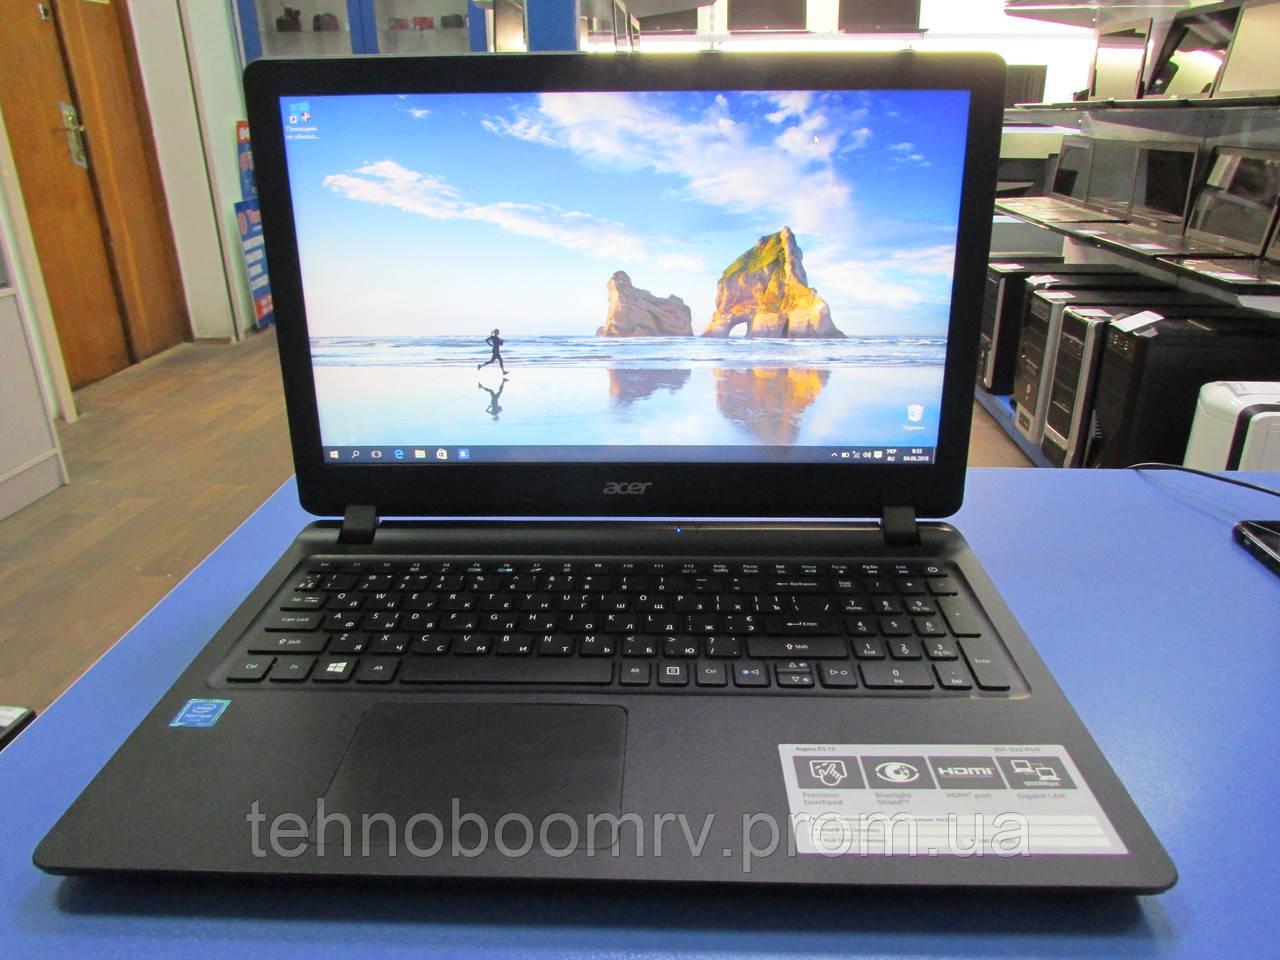 Acer Aspire ES1-533 - Intel Celeron N3350 2.4GHz/DDR3 6GB/HDD 500GB